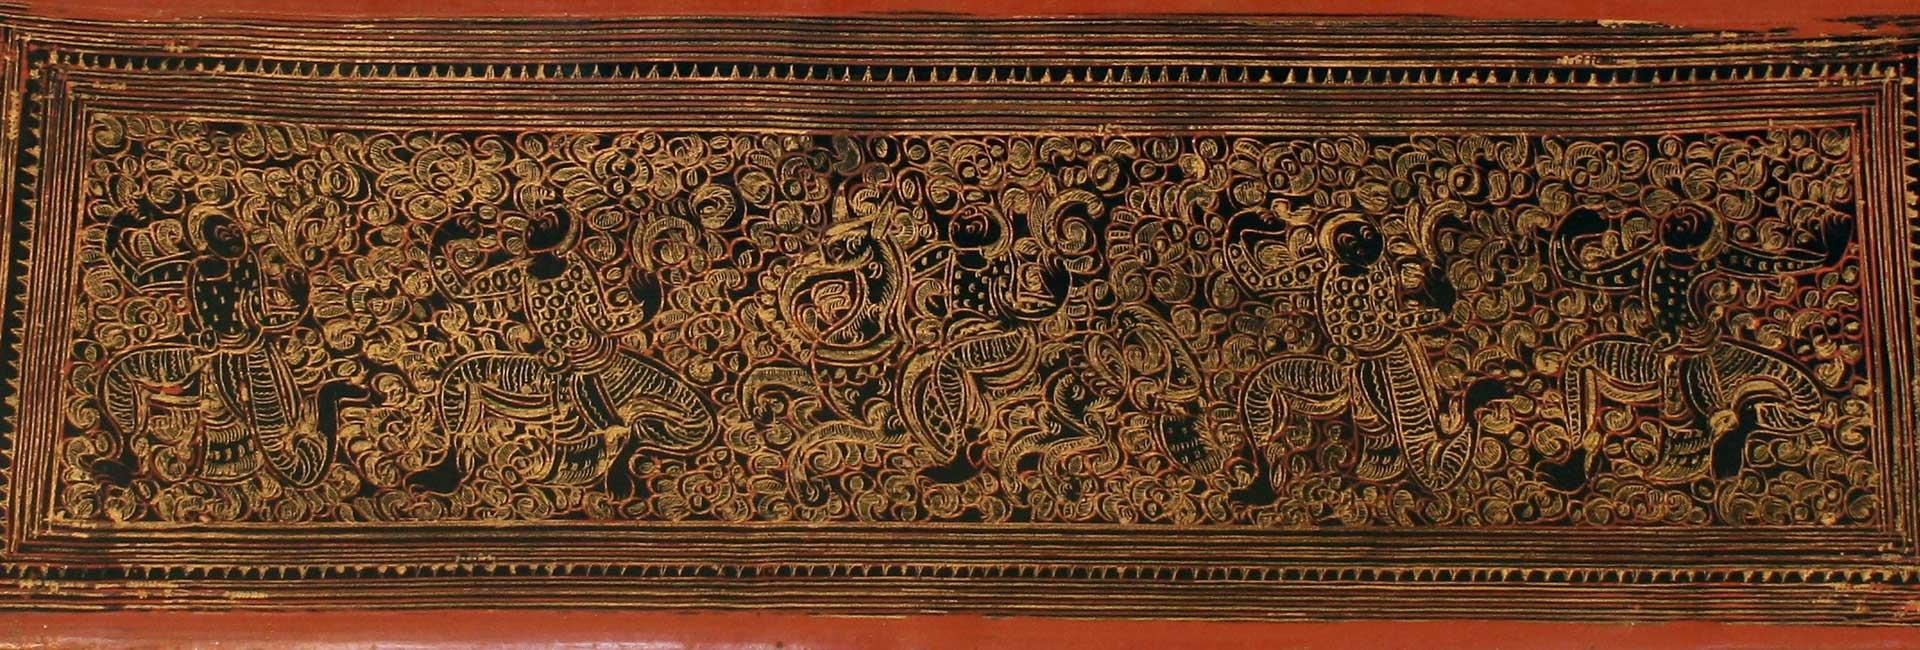 antique Burmese lacquerware collection